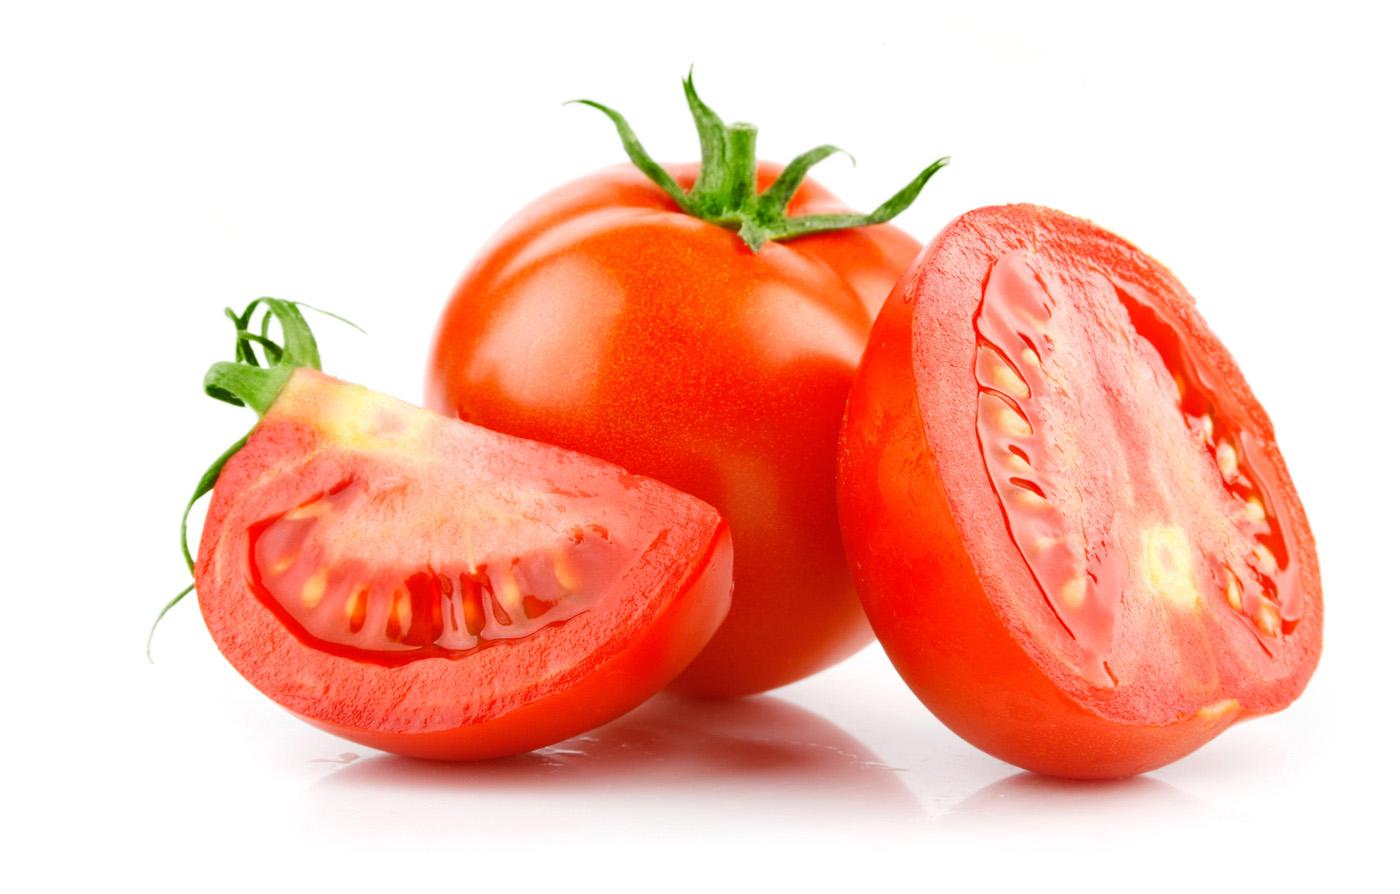 Desechos de tomates, aptos para generar electricidad